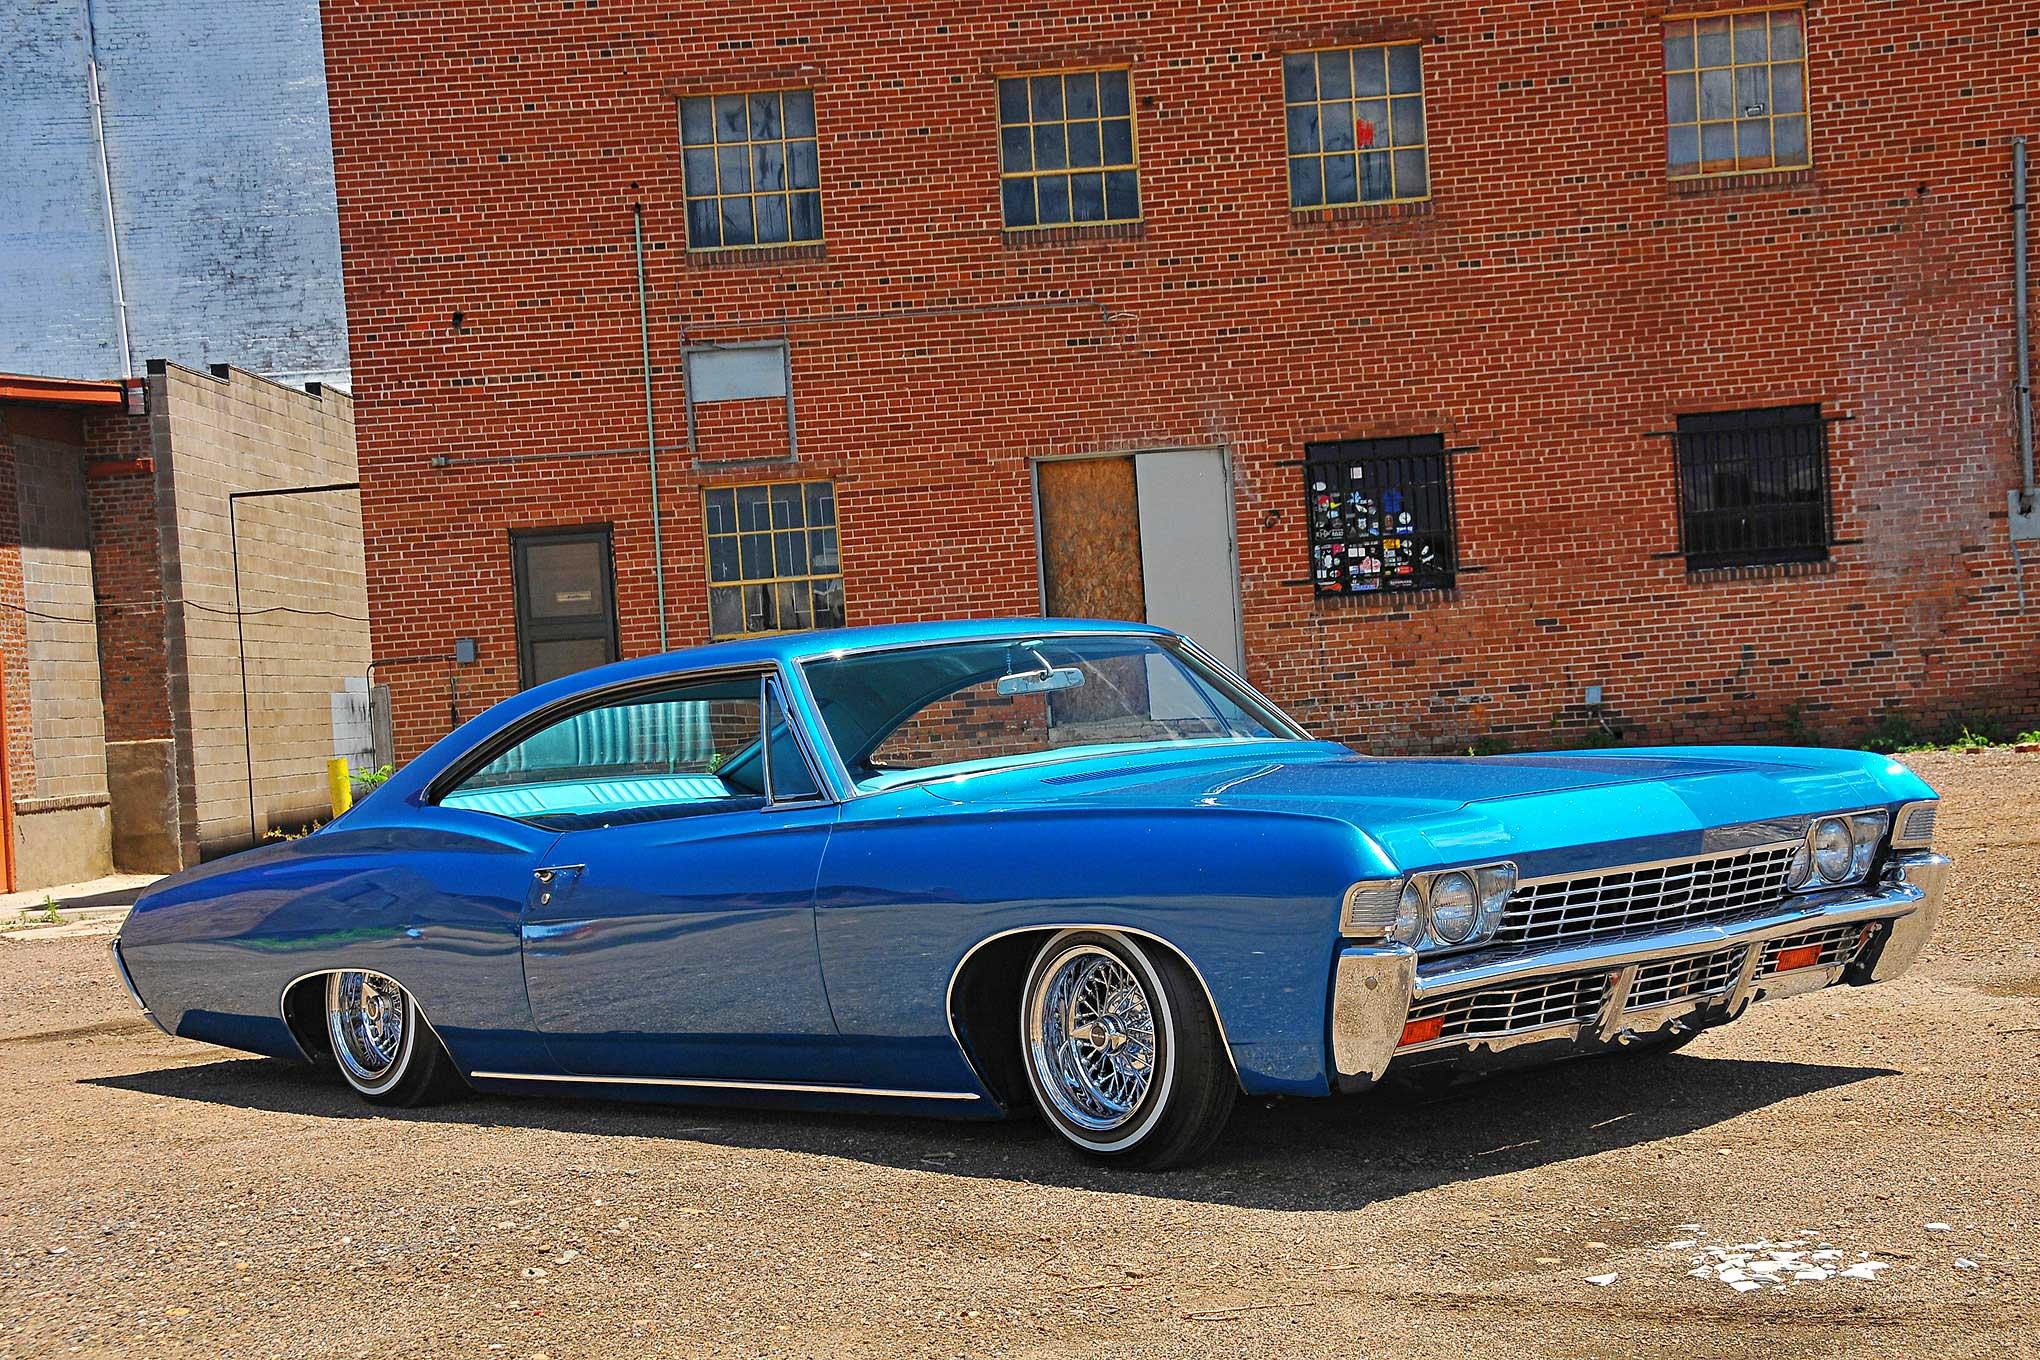 1968 Chevrolet Impala - Fly Girl